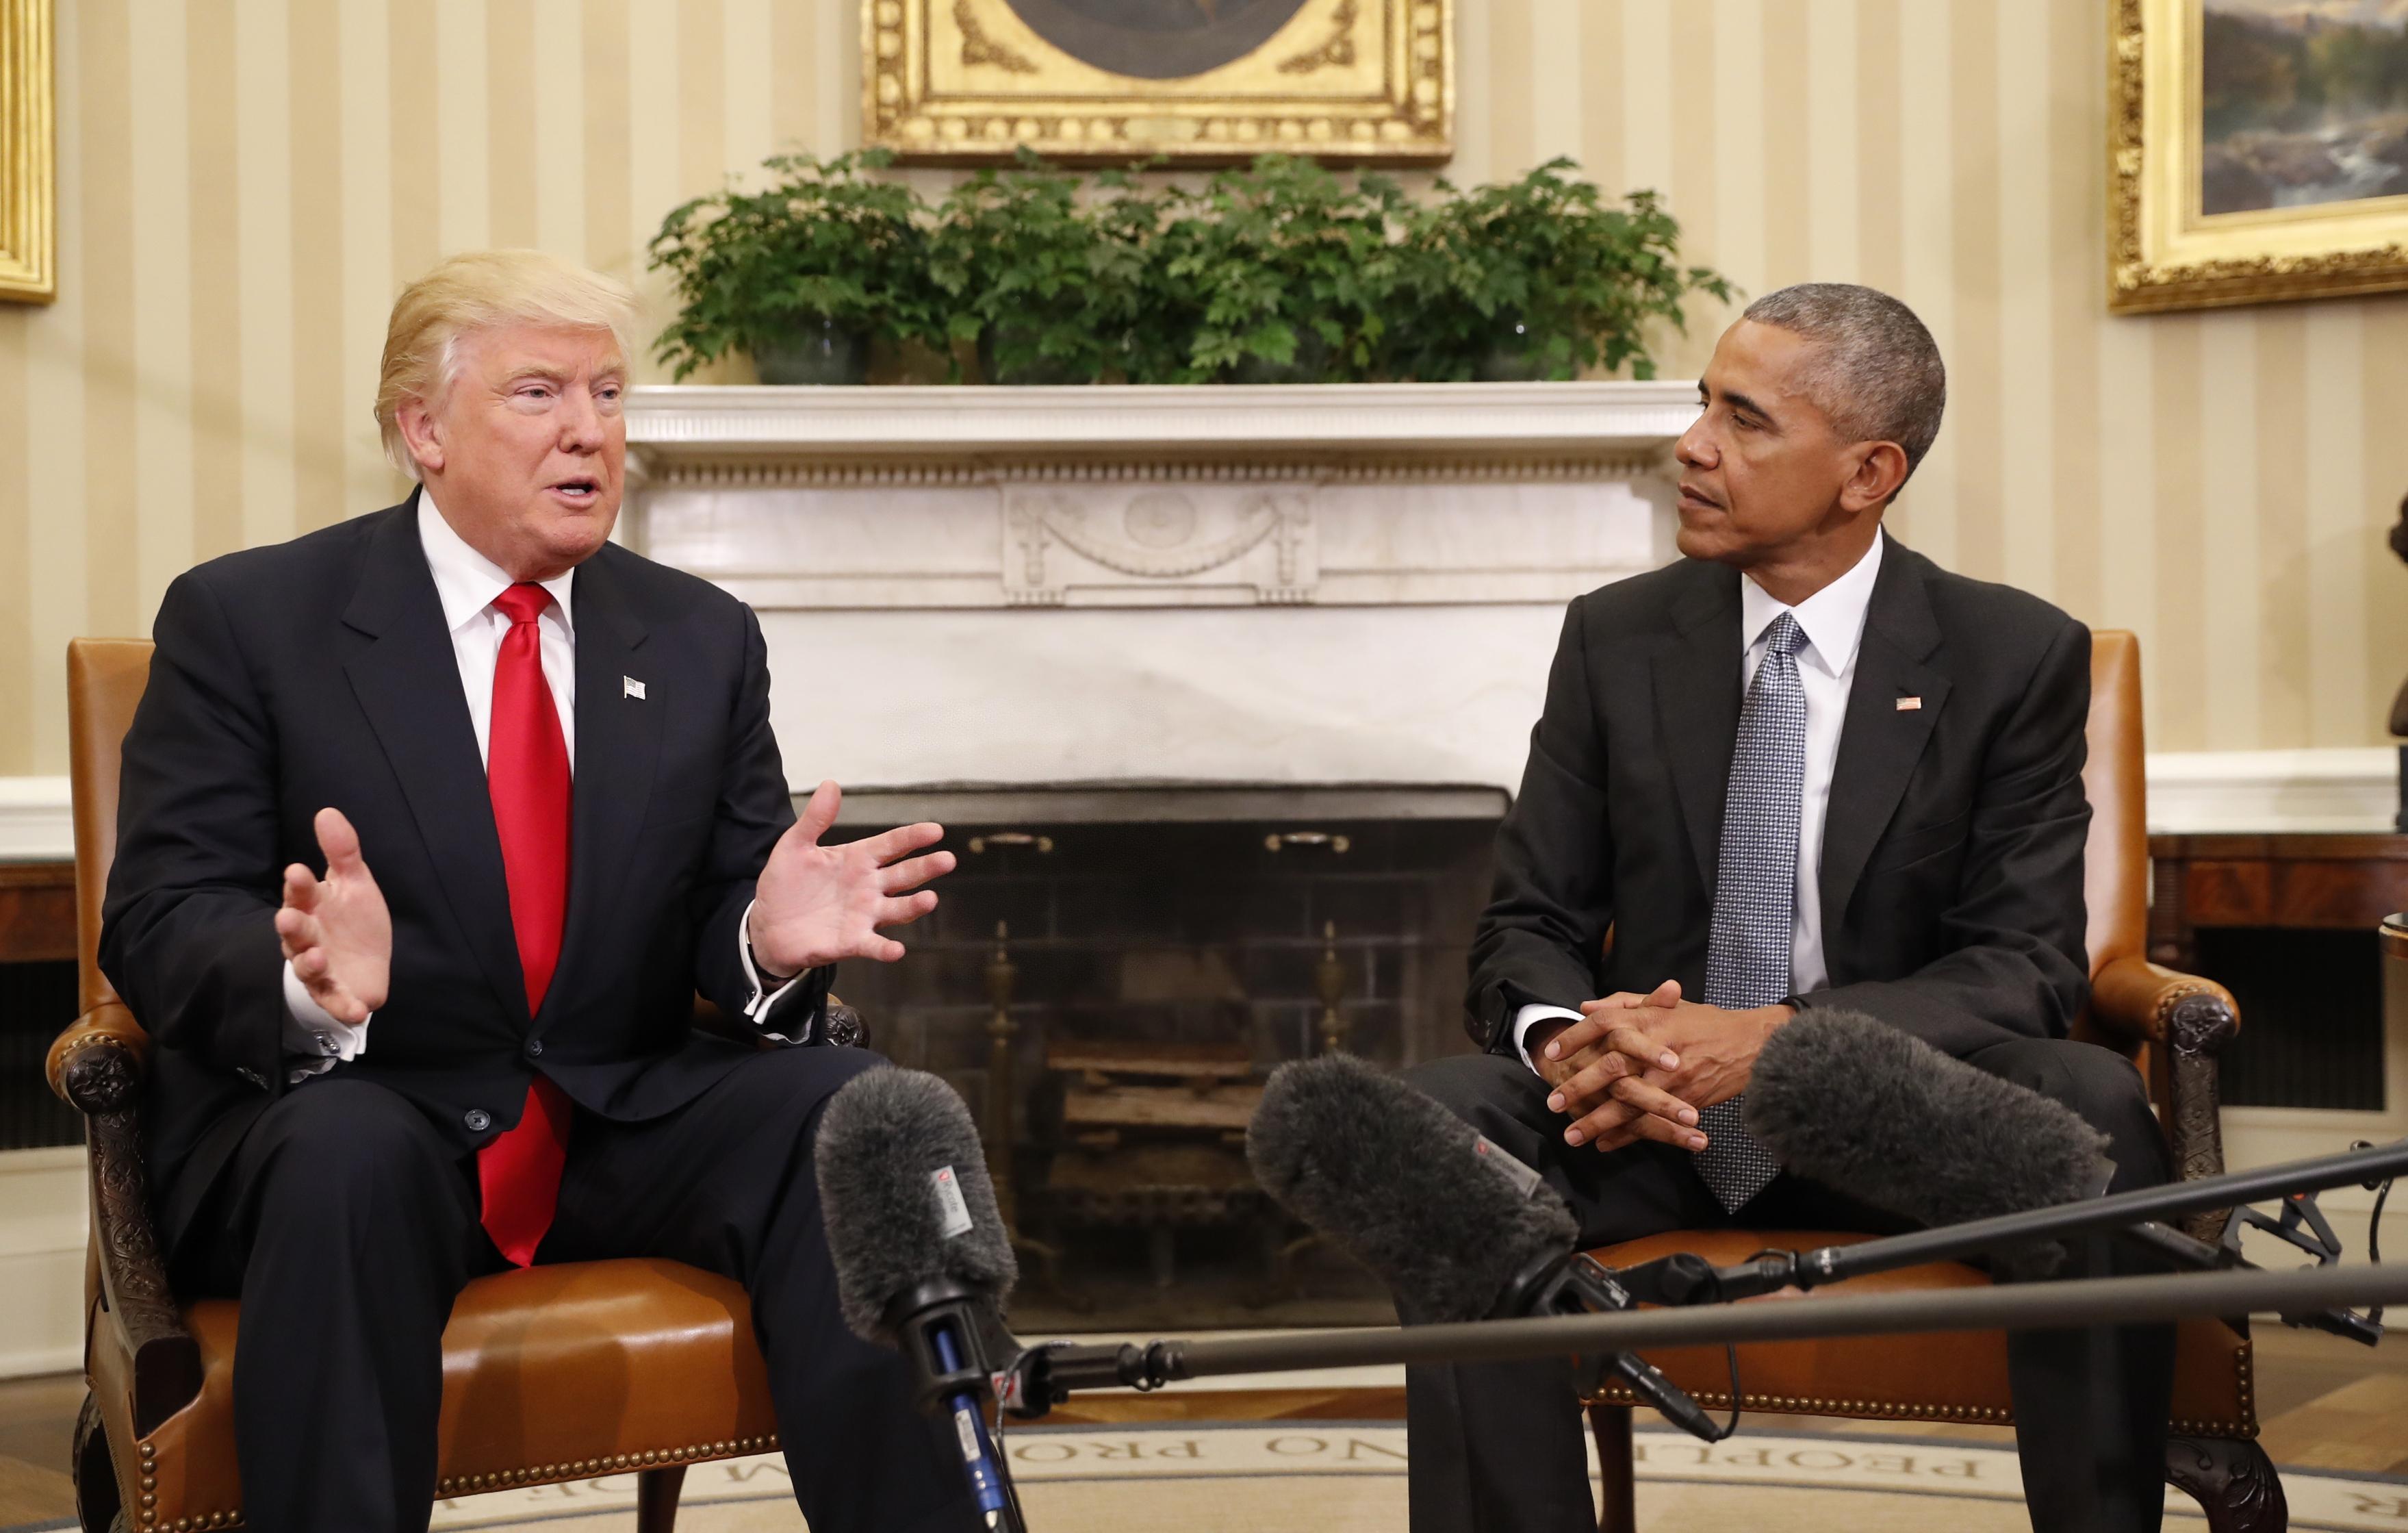 11月10日,特朗普访问白宫,与美国现任总统奥巴马就权力交接事宜举行首次会晤。(新华社/美联)